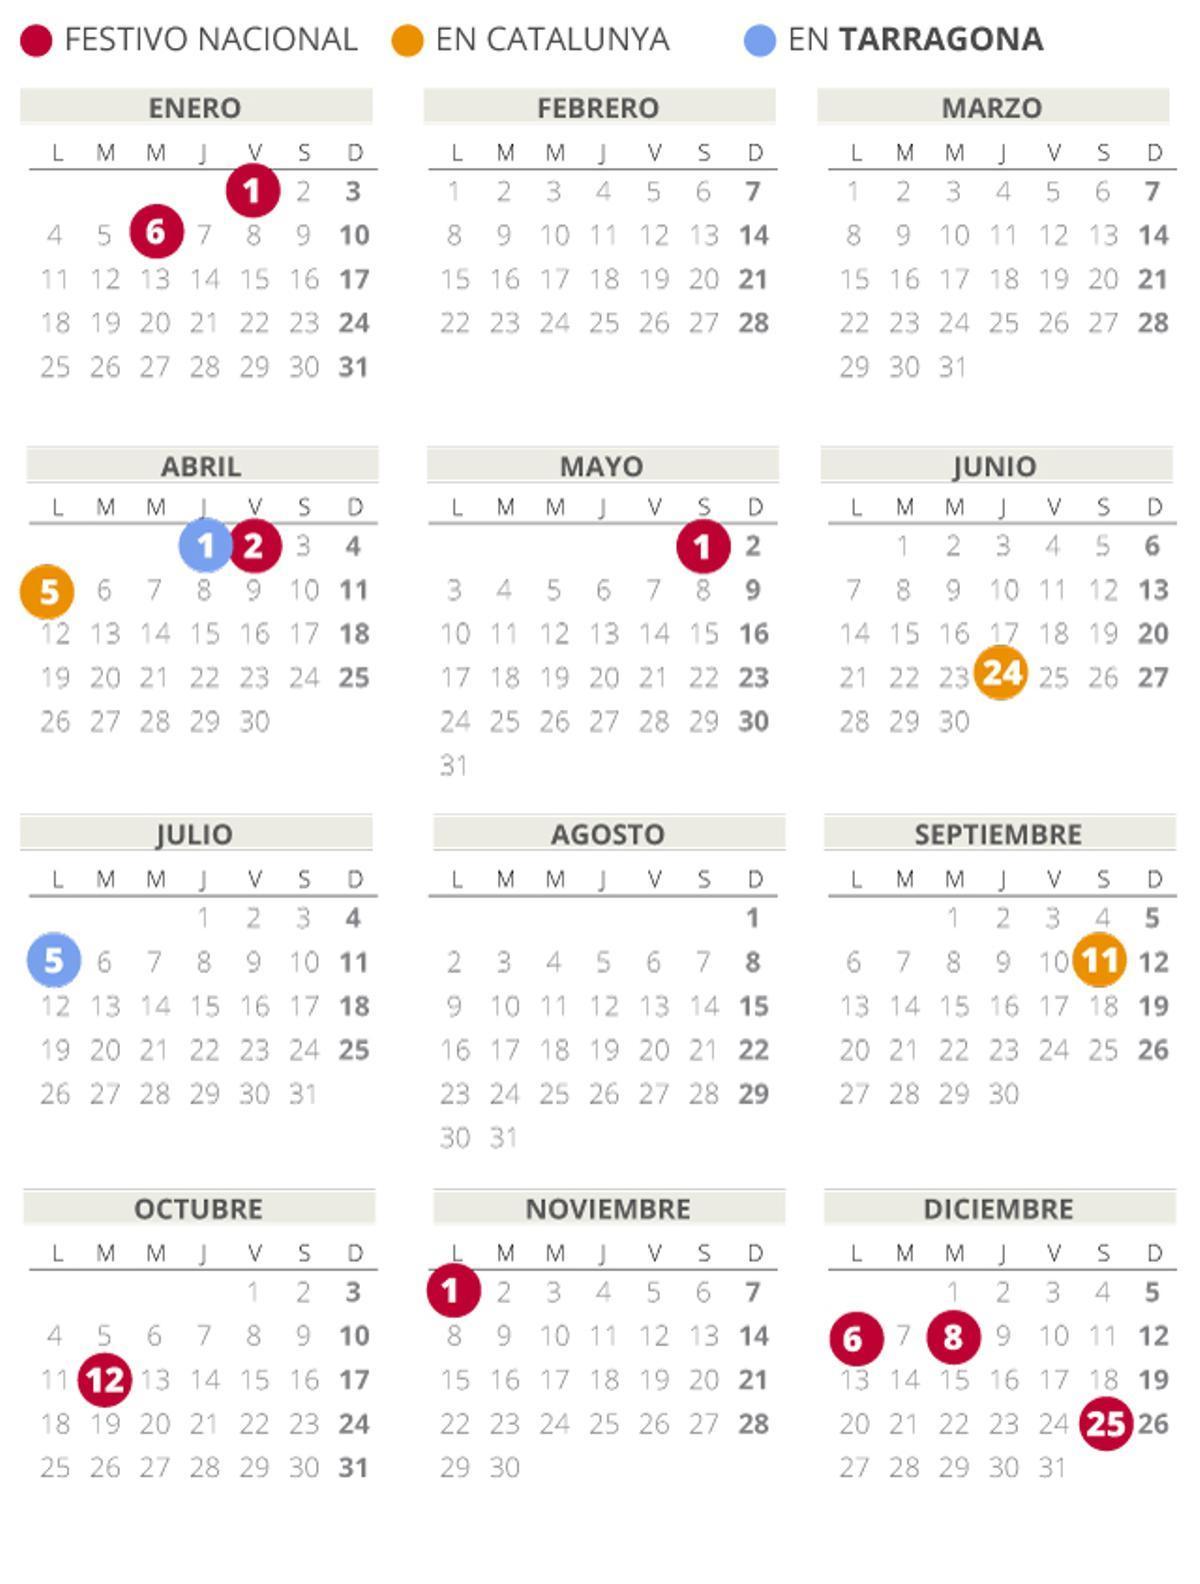 Calendario laboral de Tarragona del 2021 (con todos los festivos)